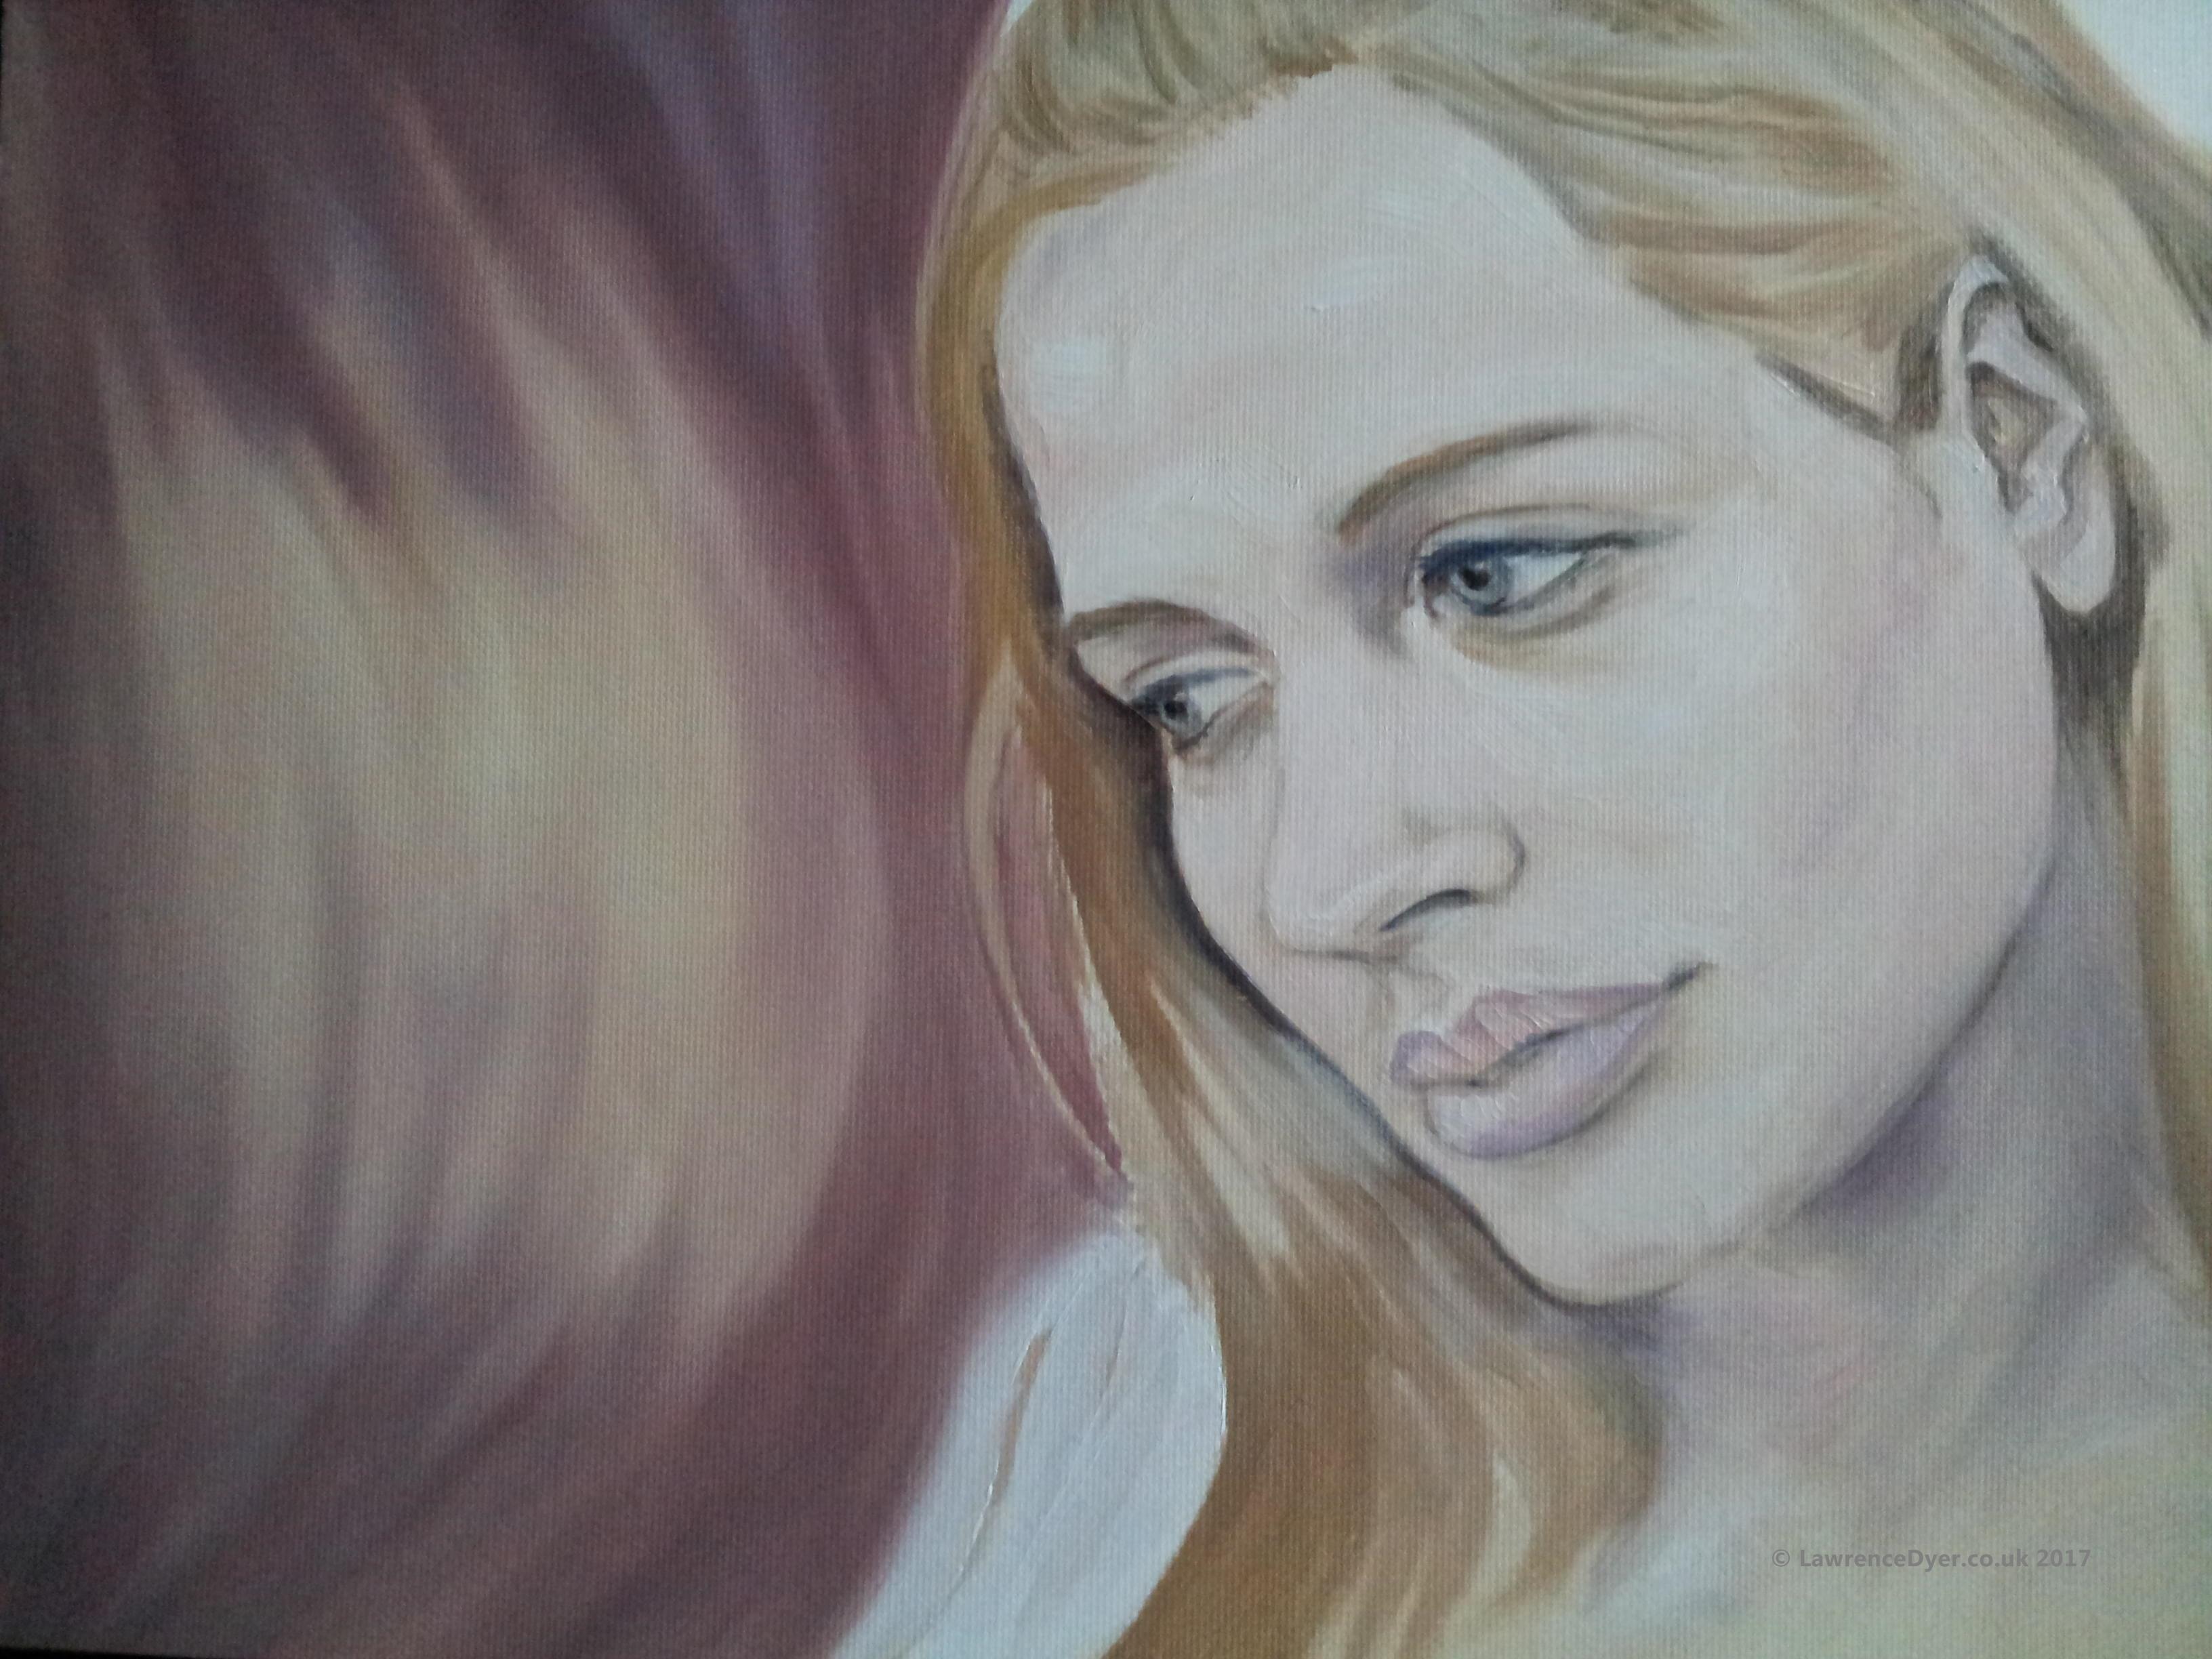 Lawrence-Dyer-co-uk-portrait052011url